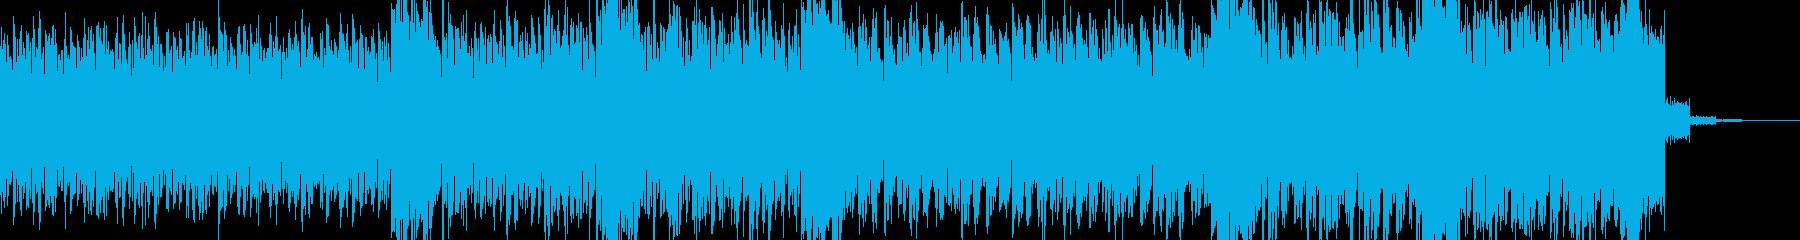 過激な音色構成のテクノ+トランス LAの再生済みの波形